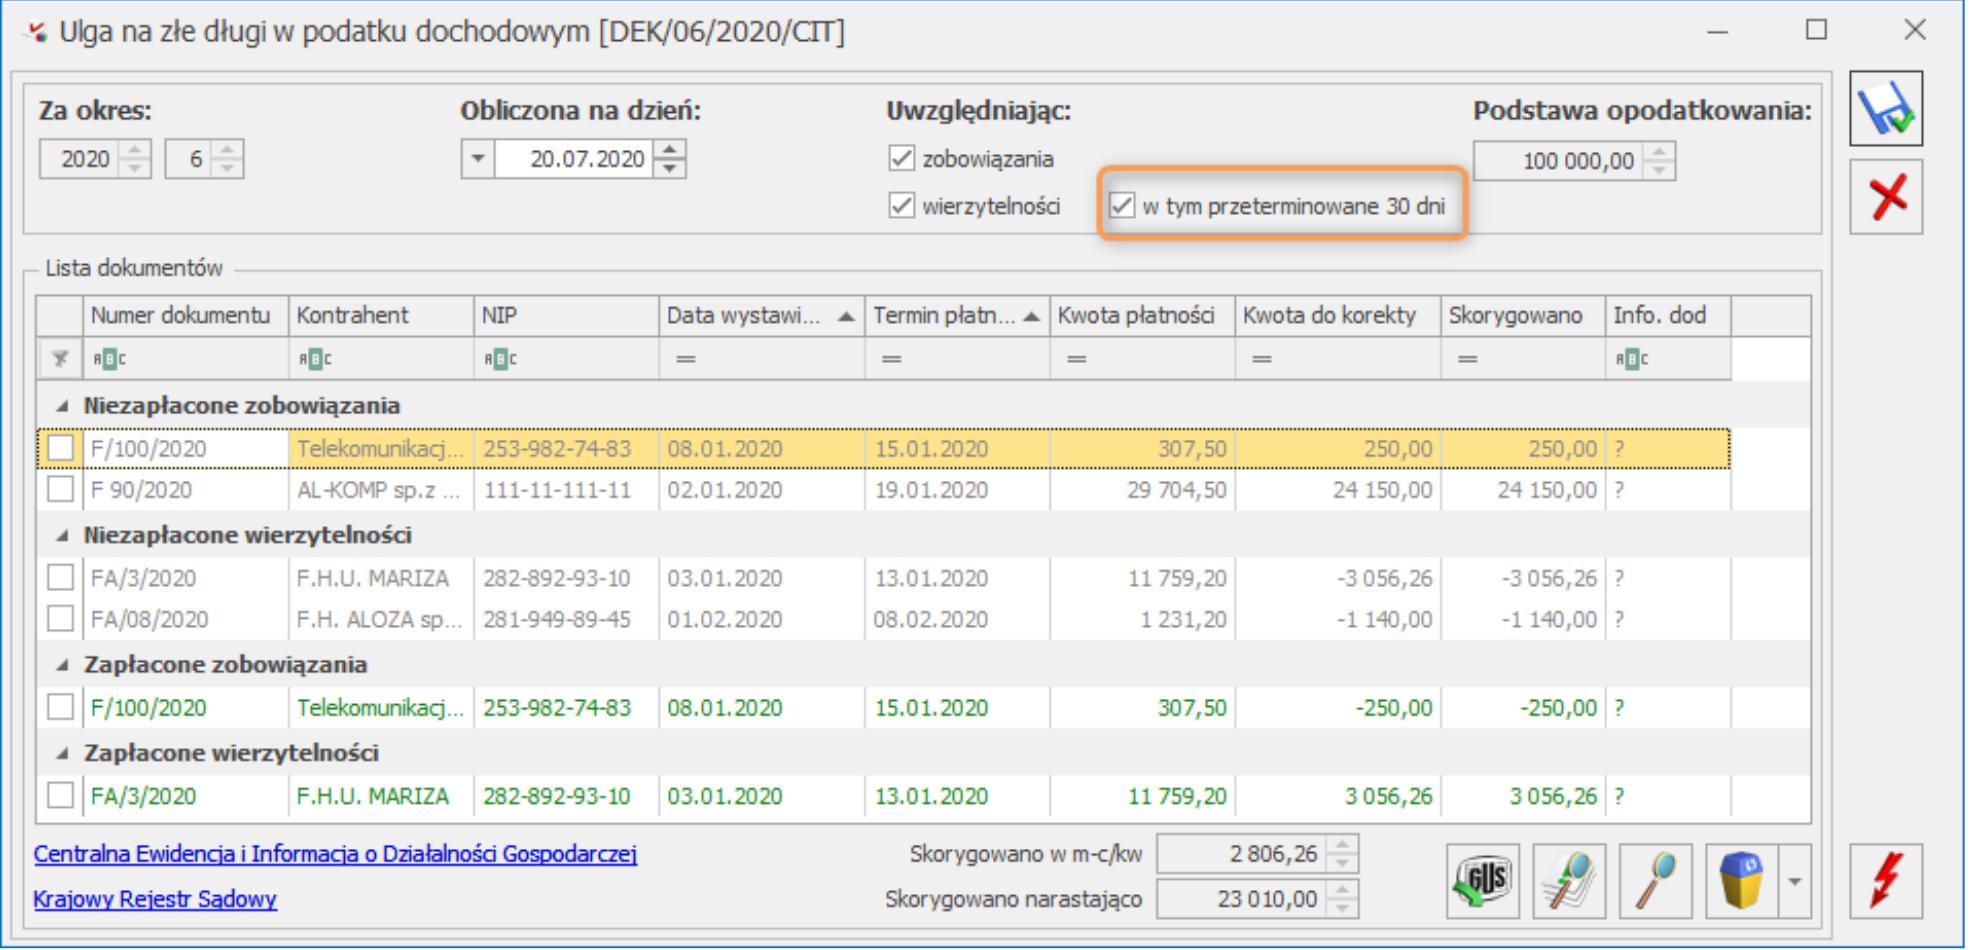 Nowa wersja COMARCH OPTIMA 2020.7.1 Ulga na złe długi